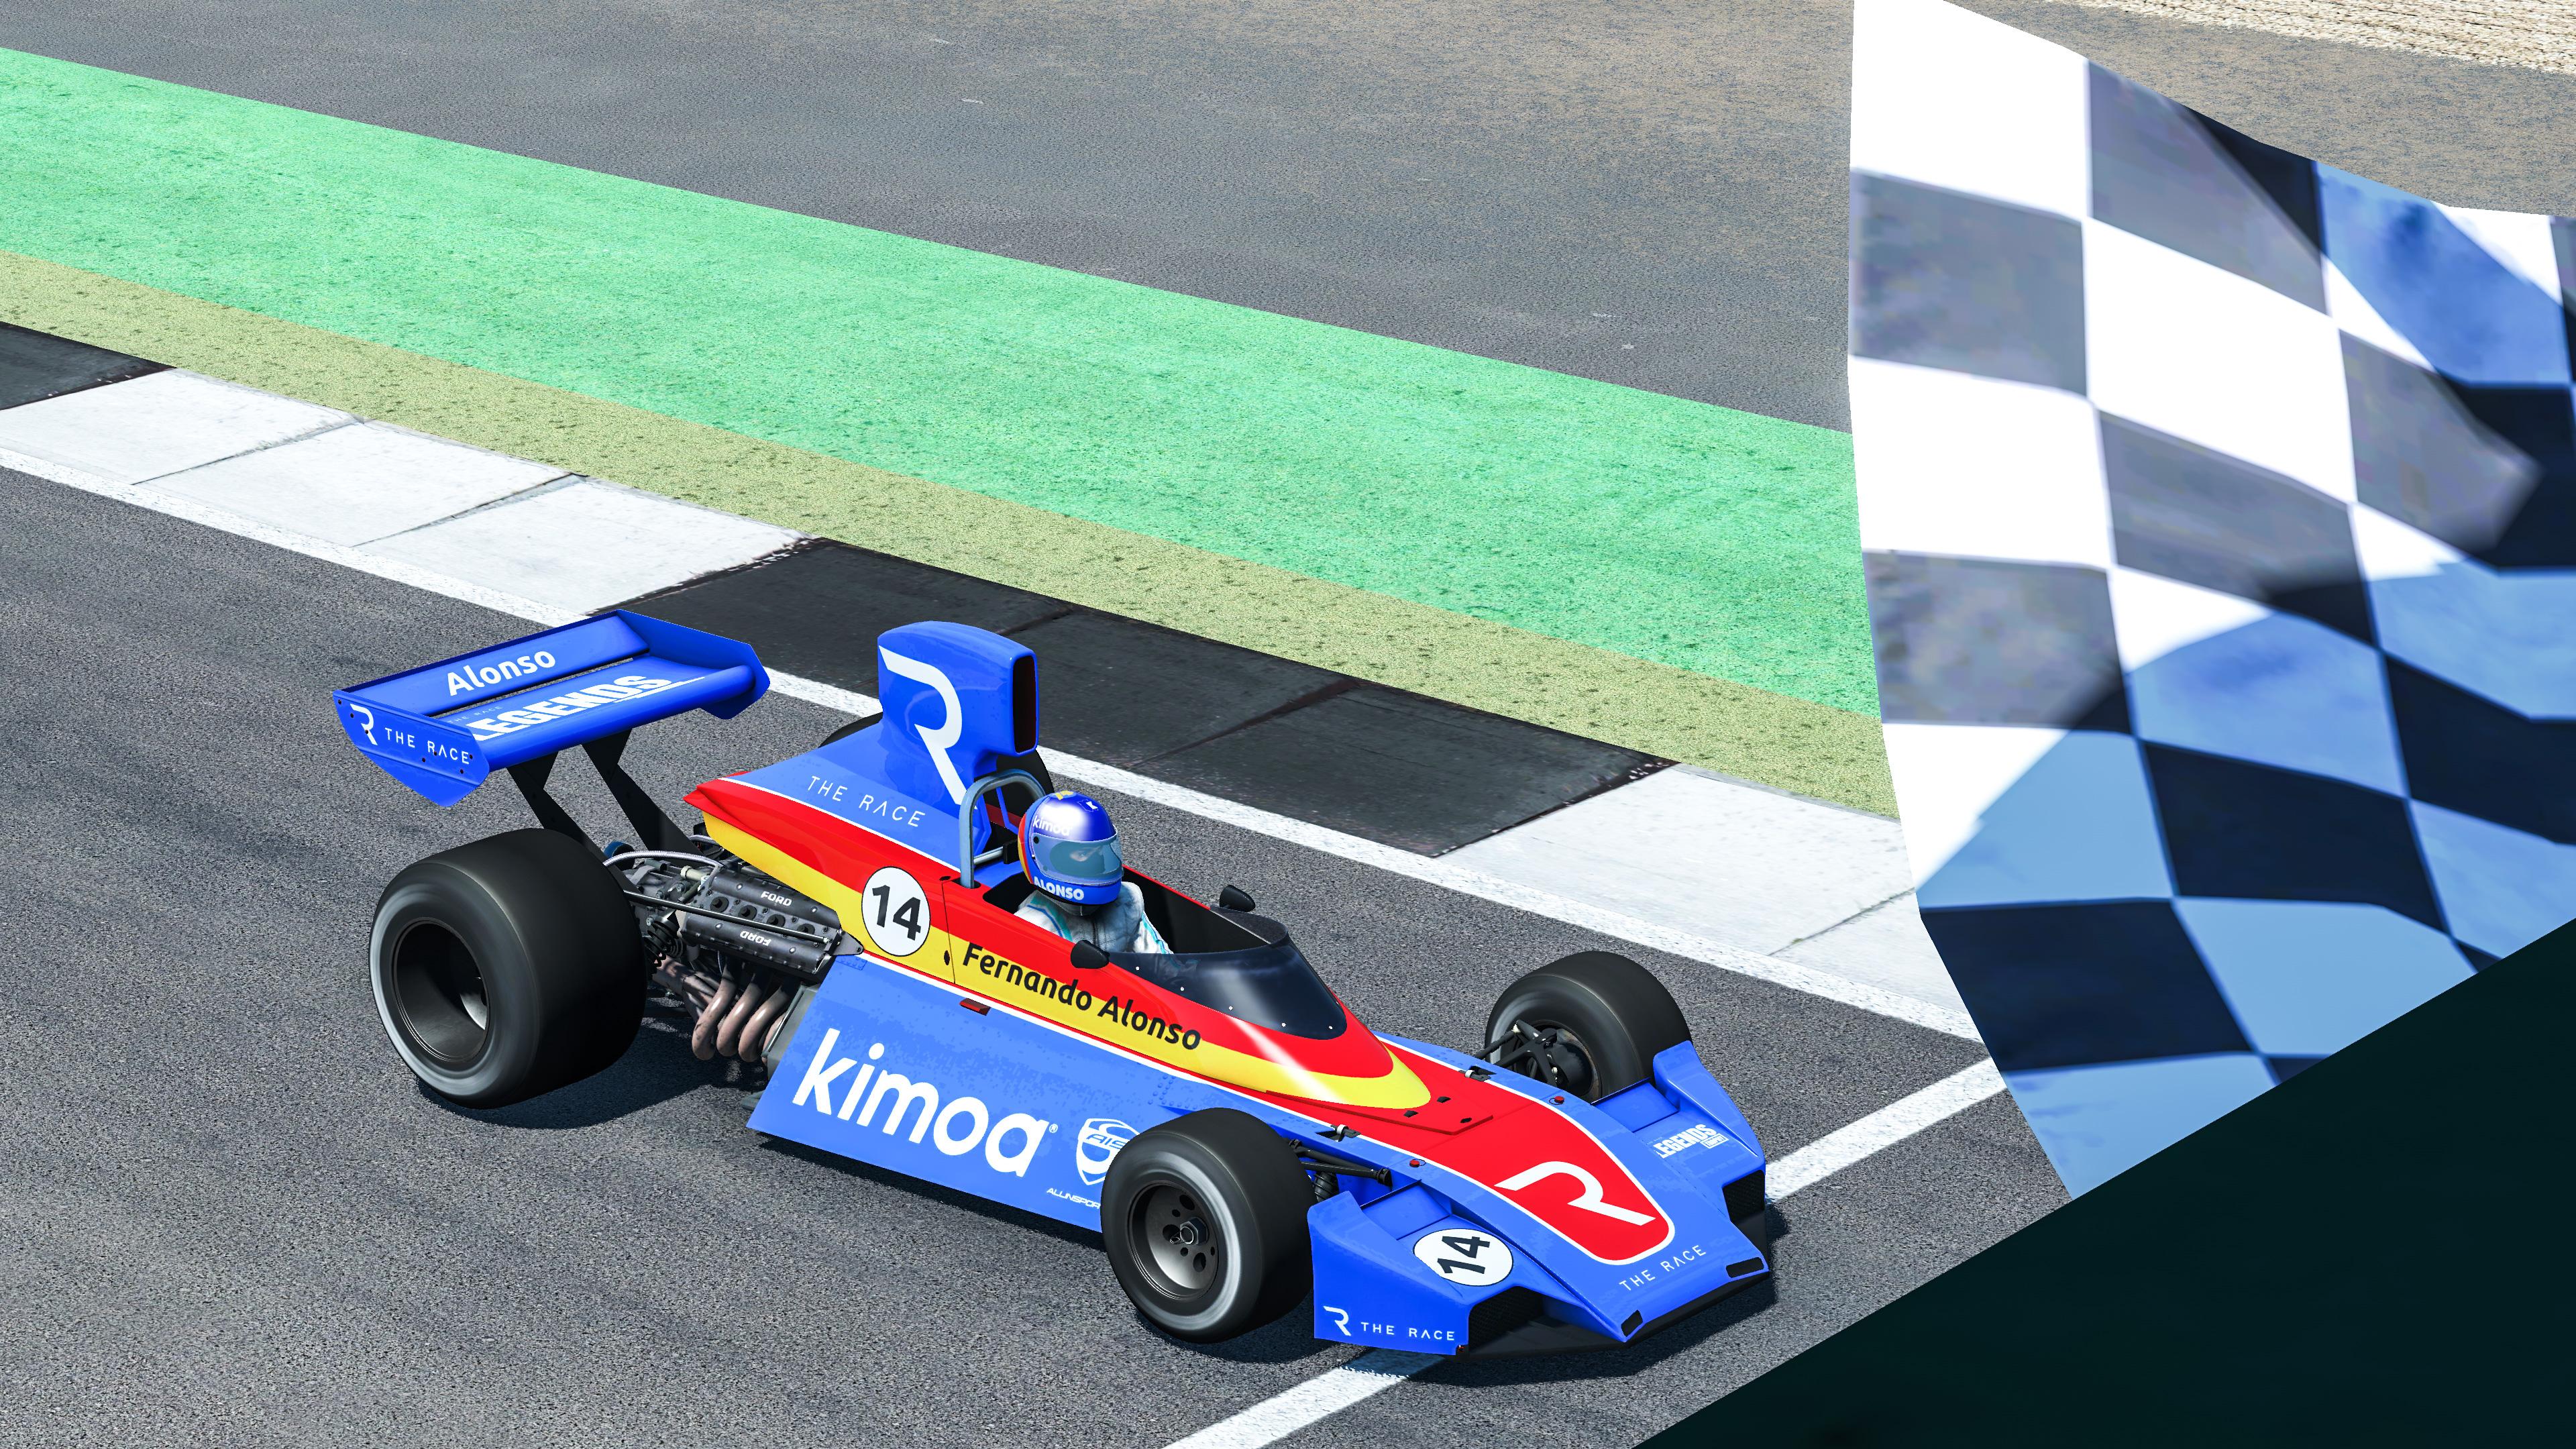 Fernando Alonso Legends Trophy 2020